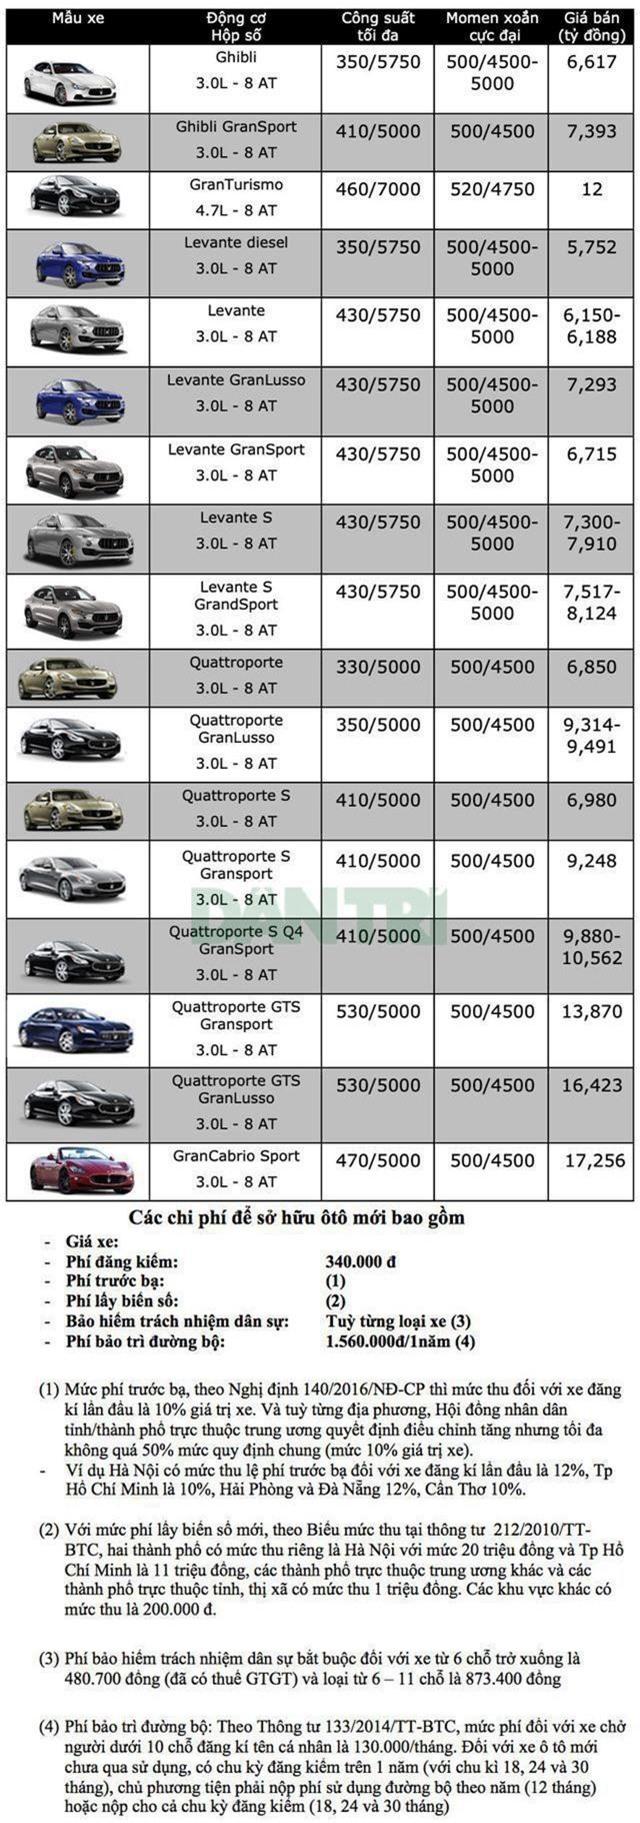 Bảng giá Maserati tại Việt Nam cập nhật tháng 6/2019 - 1